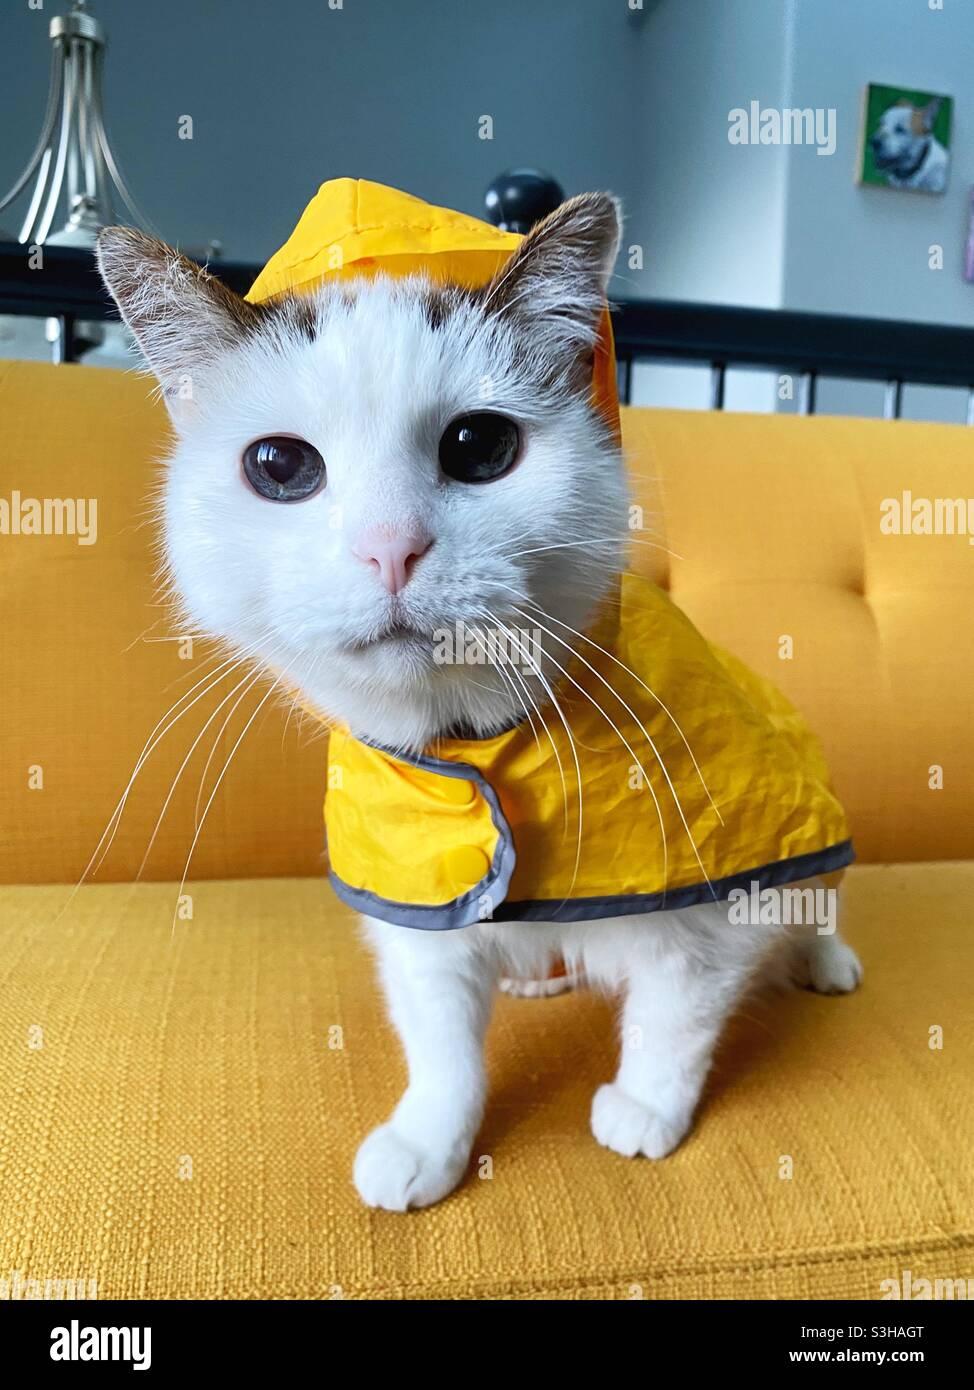 Un gatto che indossa un impermeabile giallo. Foto Stock